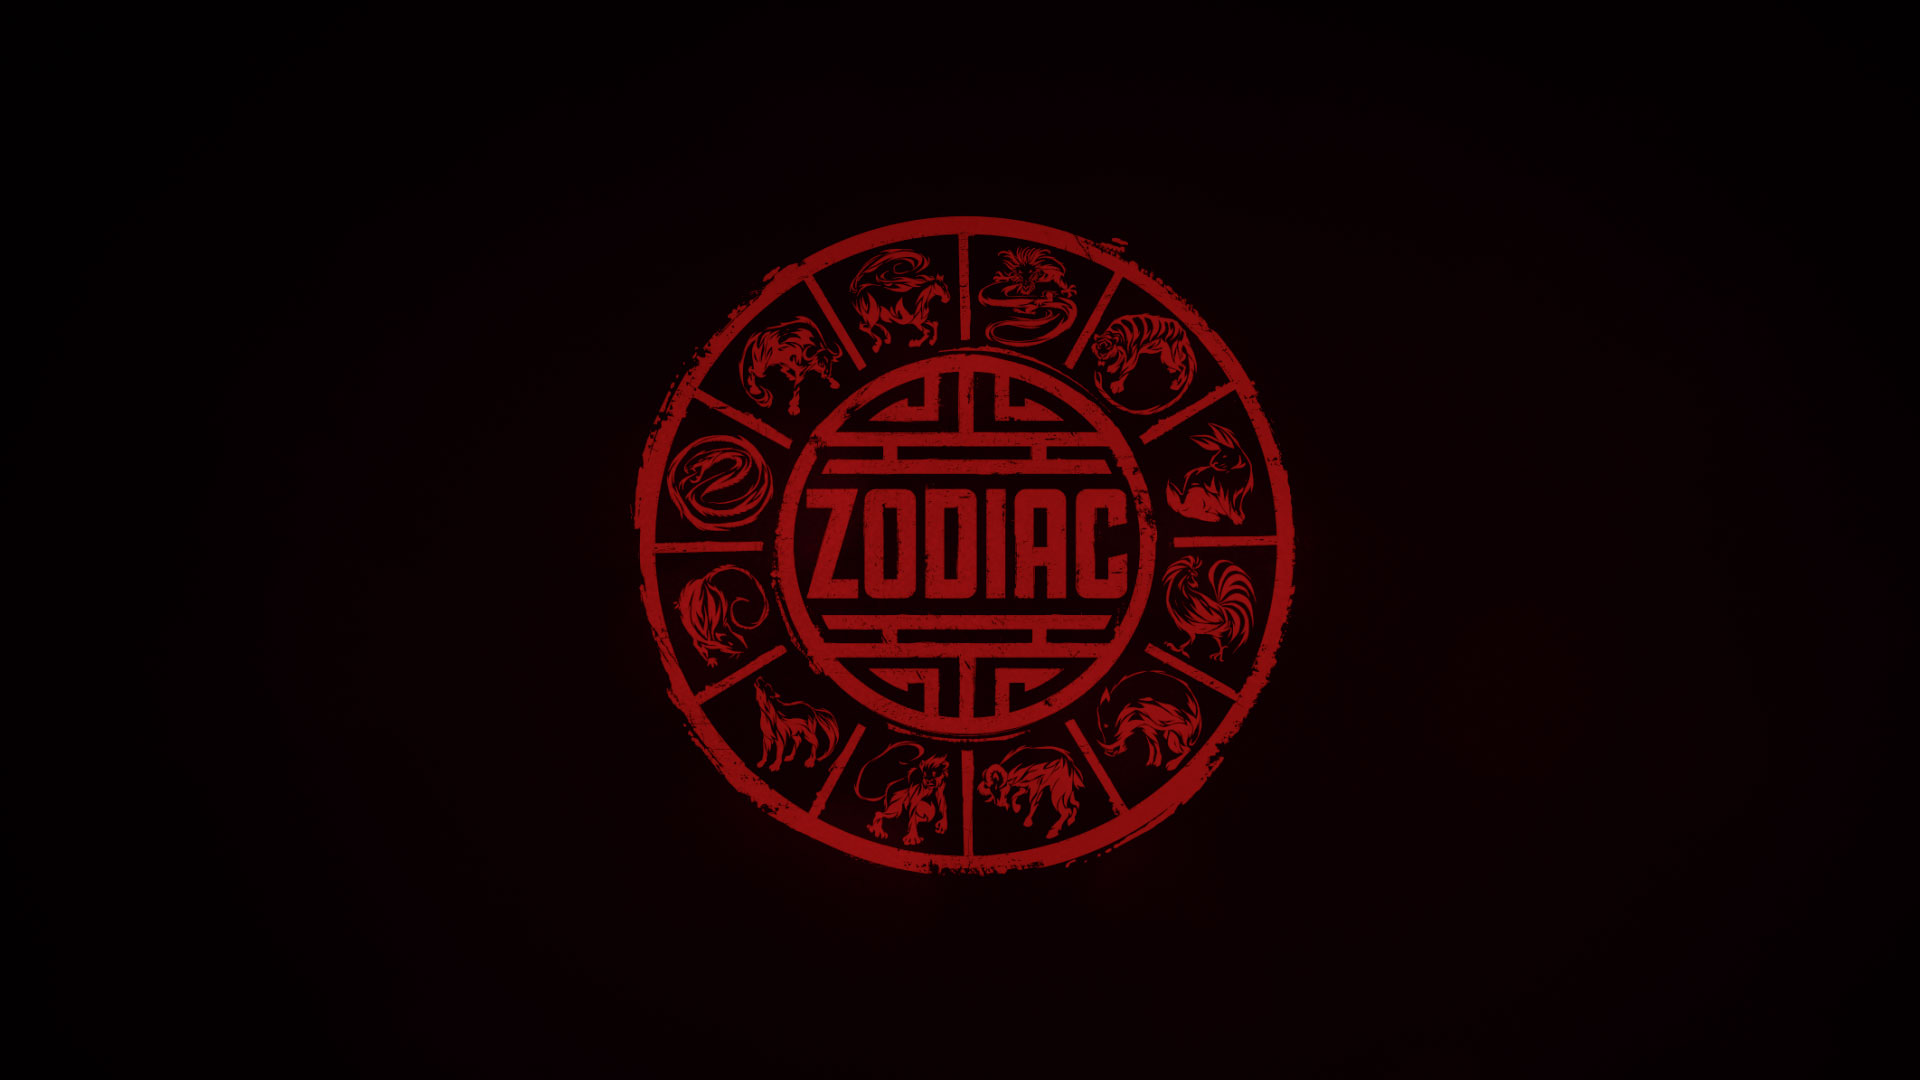 Zodiac_1_J60.jpg